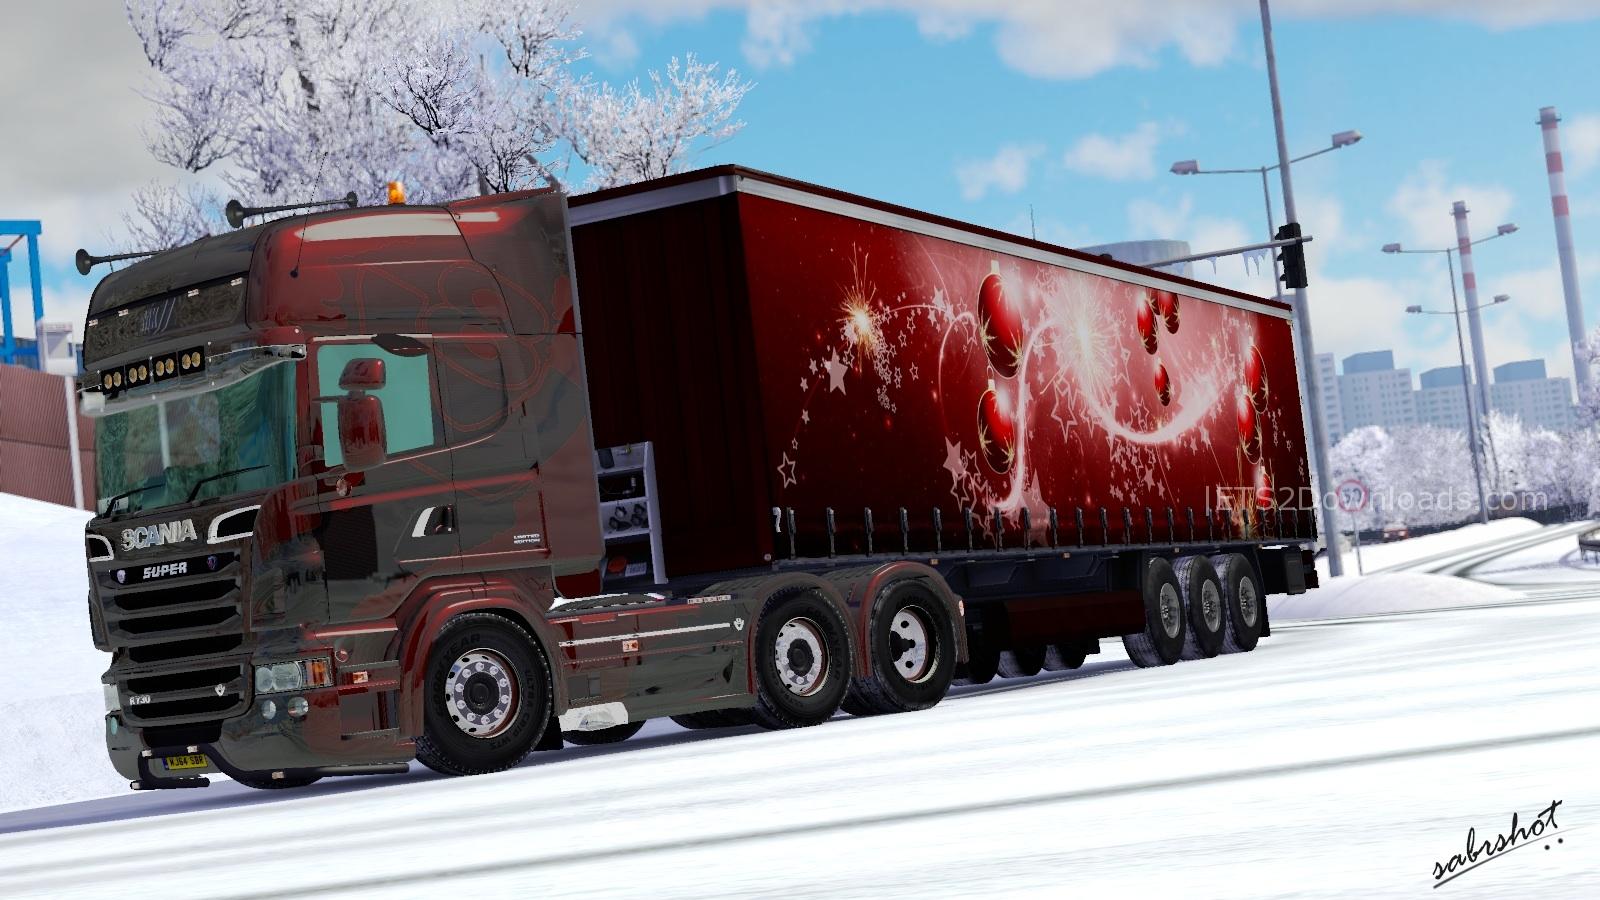 snow-textured-trailer-wheels-2